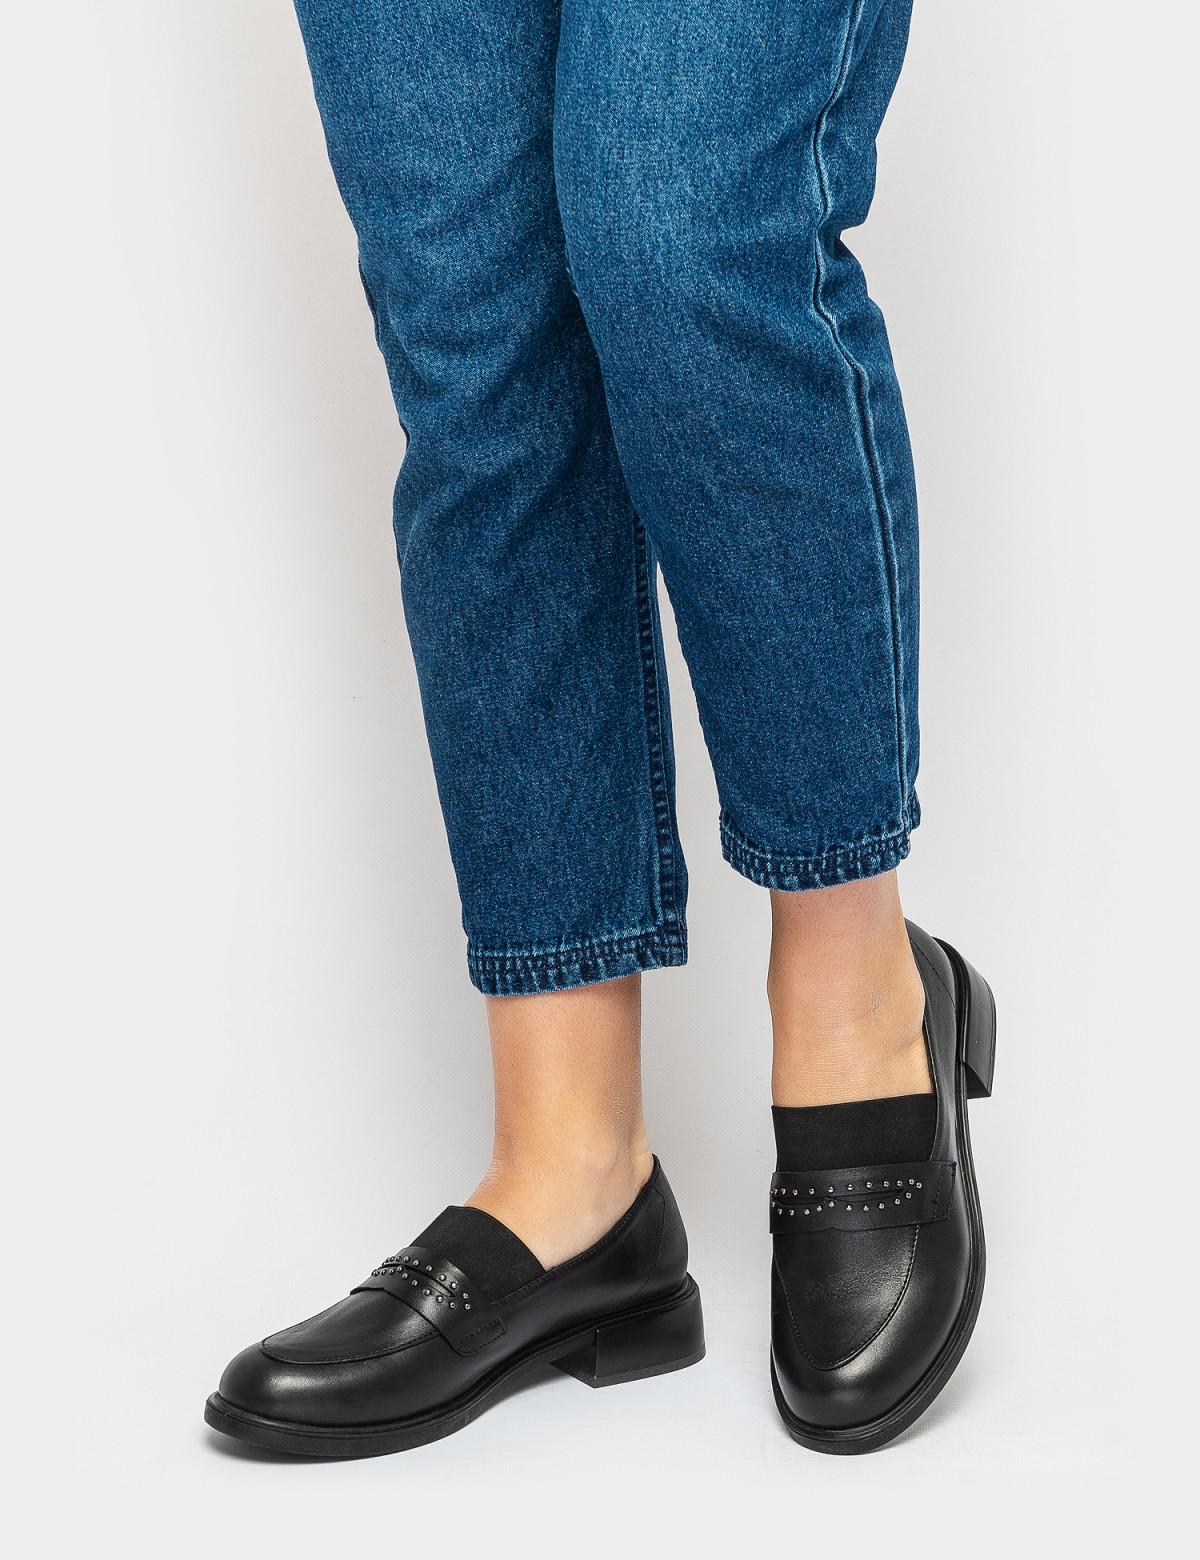 Туфли черные. Натуральная кожа5